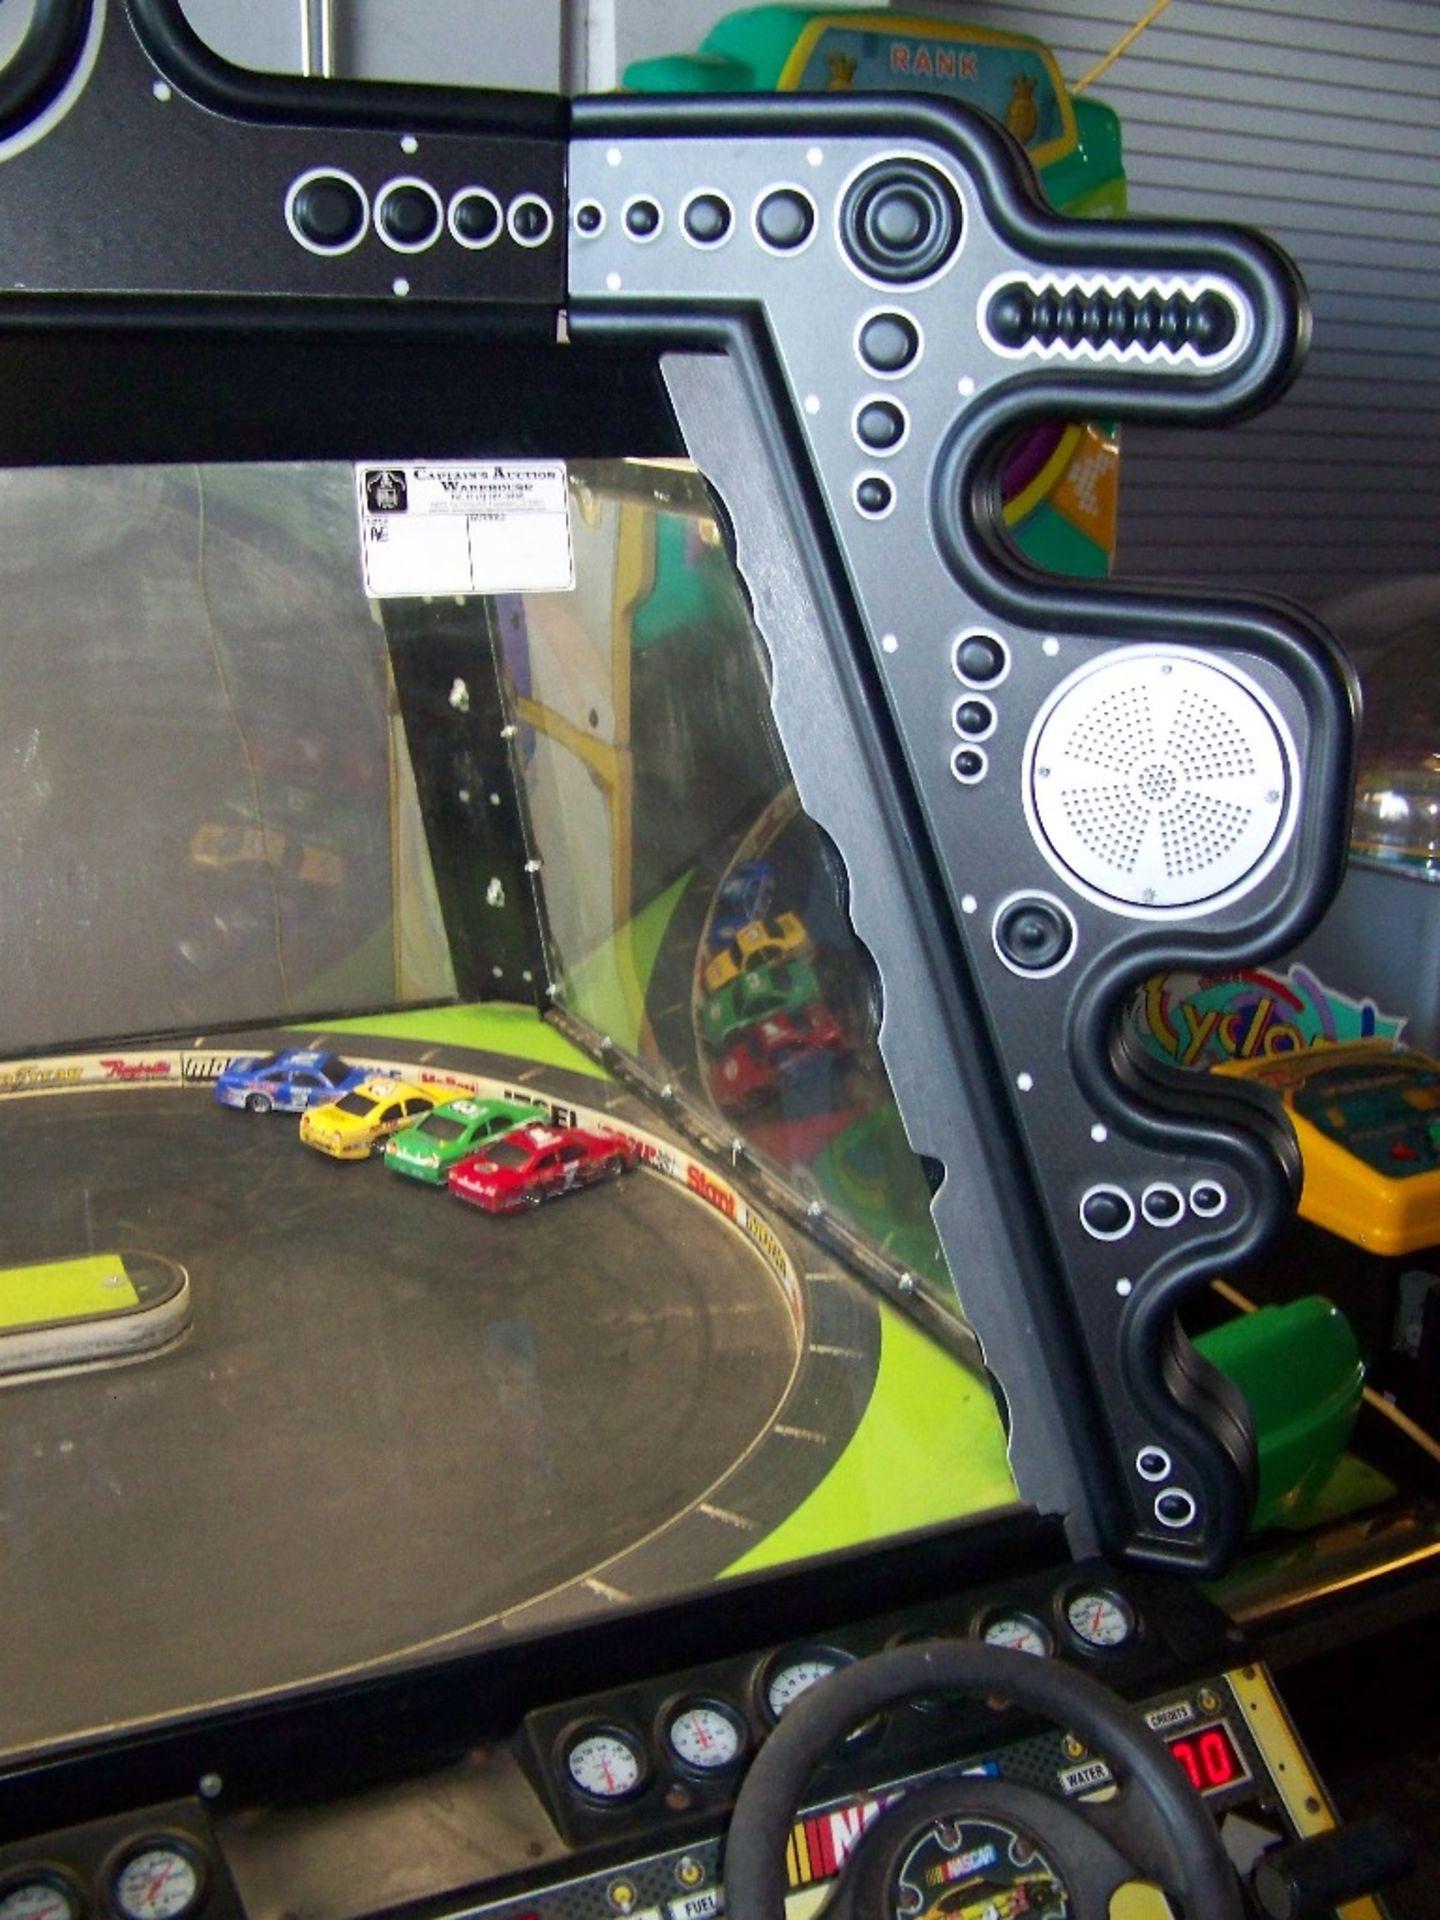 SHOWDOWN 4 PLAYER TICKET REDEMPTION GAME BAYTEK - Image 12 of 12